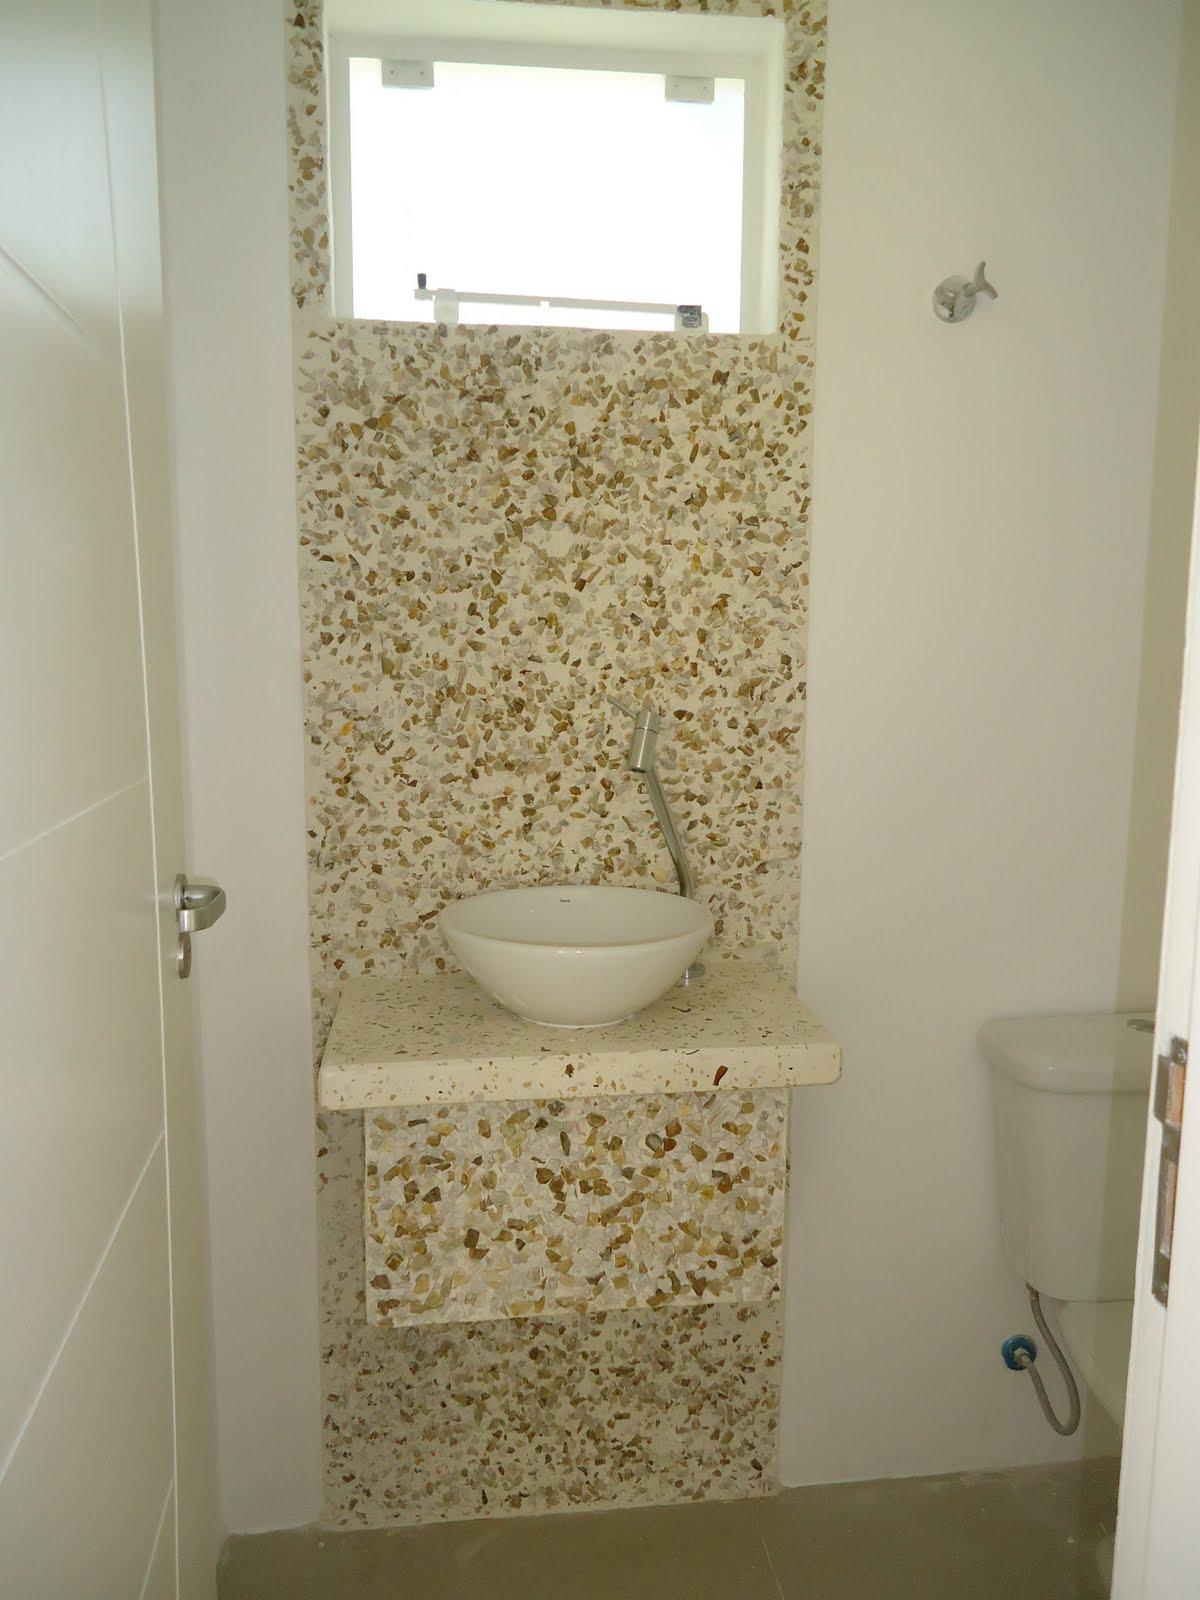 Tampos em microconcreto e vidro moído Casas de Alice #8A6541 1200x1600 Bancada De Cimento Queimado Para Banheiro Como Fazer